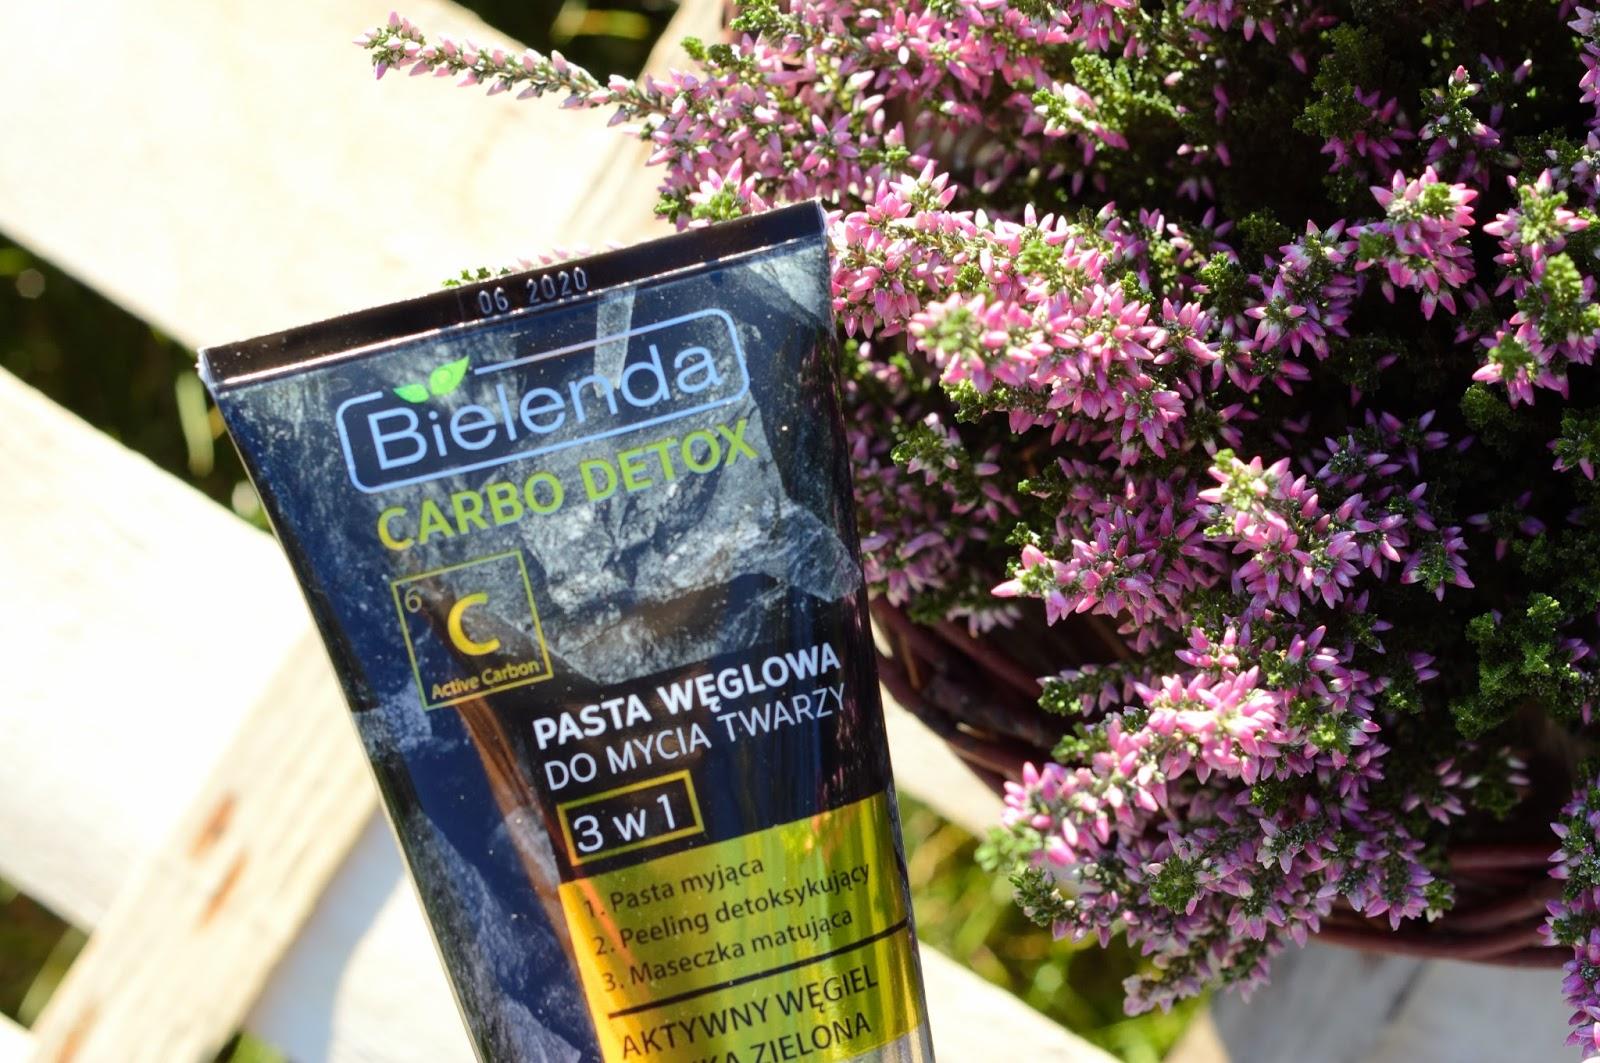 Pasta węglowa do mycia twarzy 3 w 1 | Bielenda | Iperfumy.pl